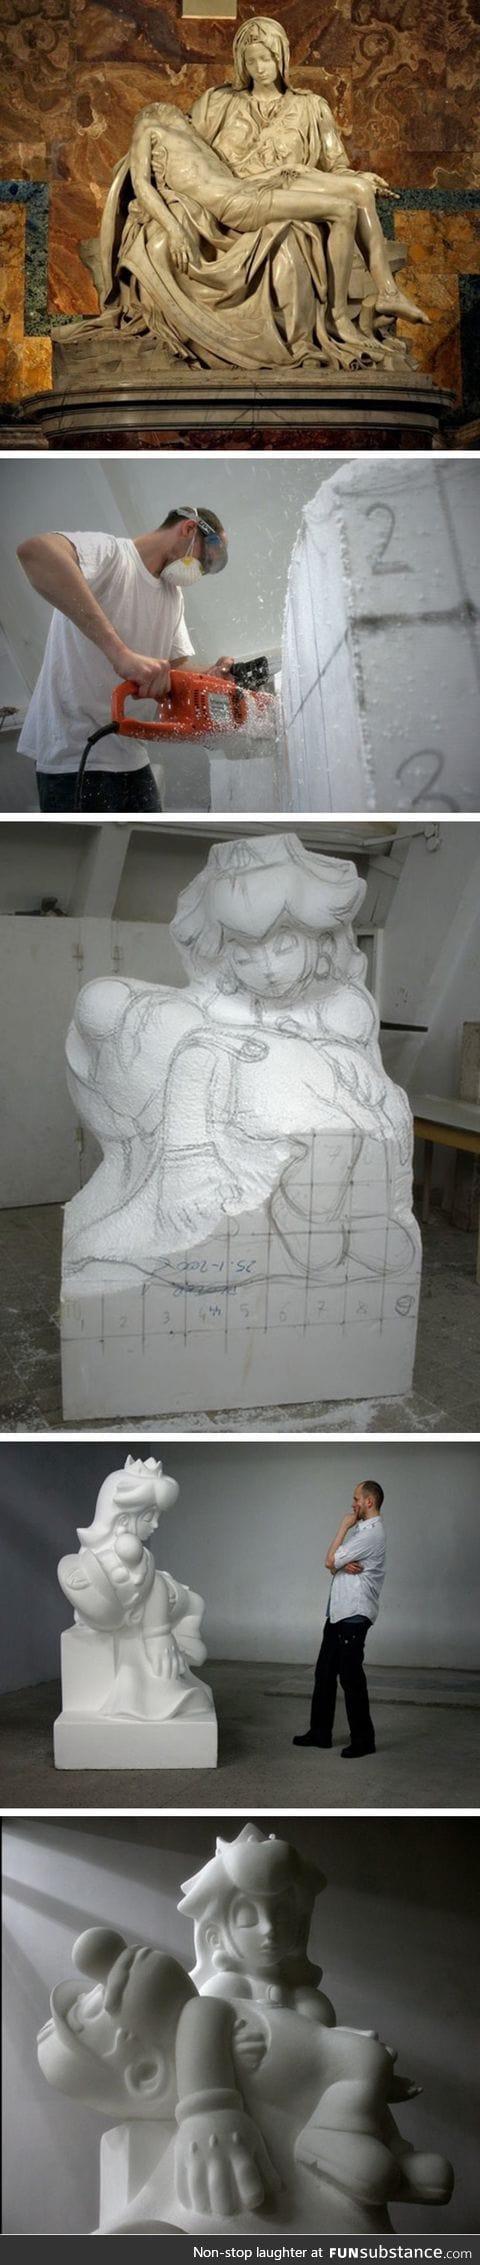 Michelangelo's Successor